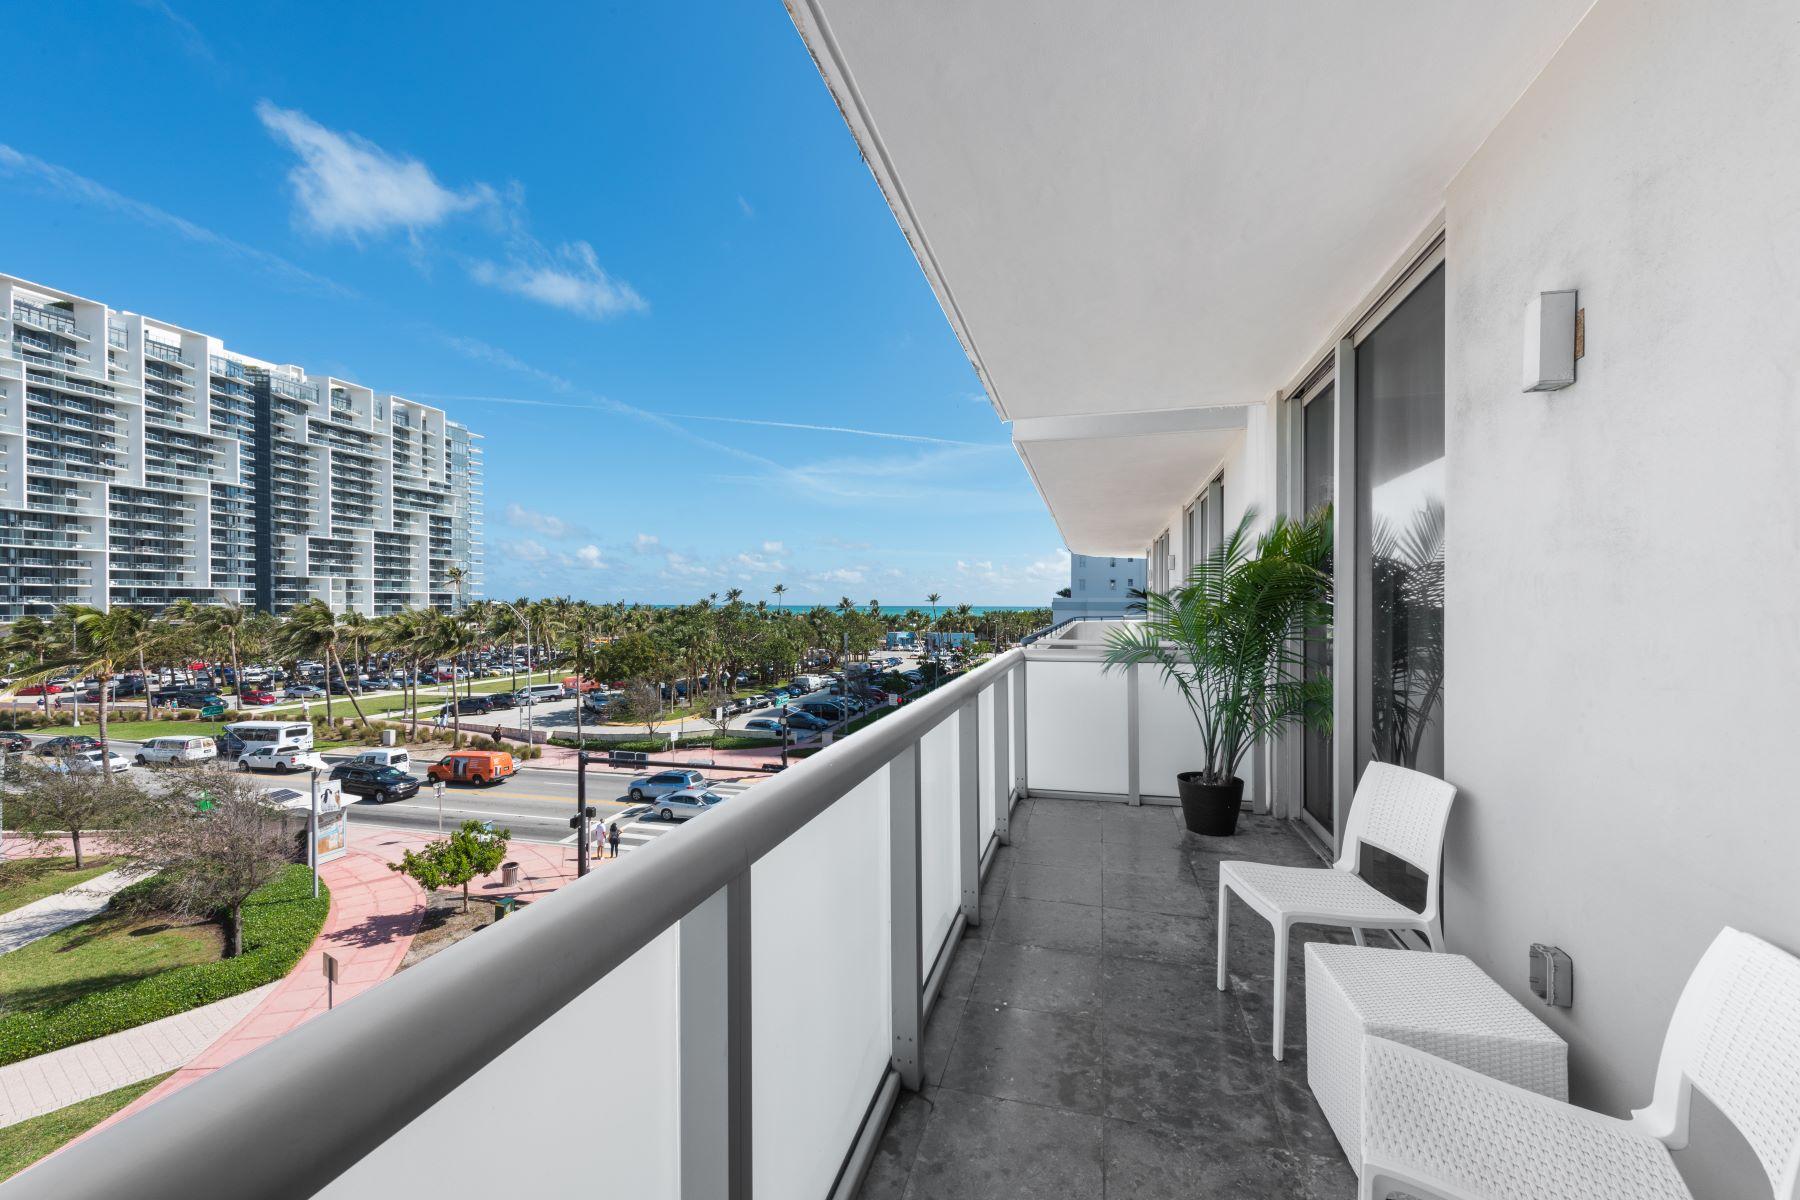 共管物業 為 出售 在 220 21st St 220 21st St 403, Miami Beach, 佛羅里達州, 33139 美國